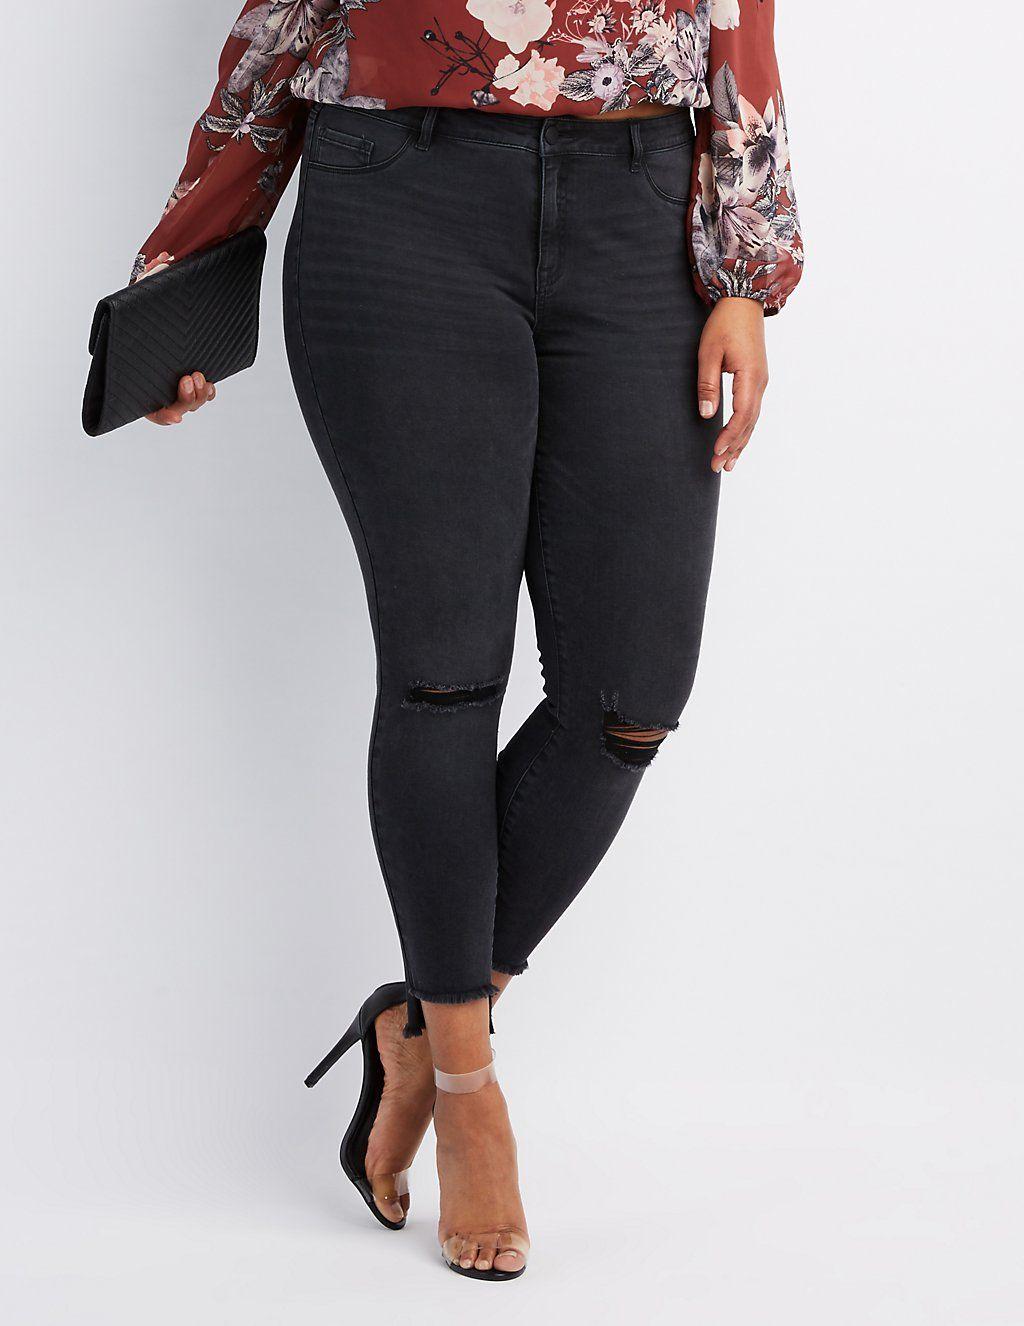 d6578bc573df4 Plus Size Refuge Skin Tight Legging Destroyed Jeans